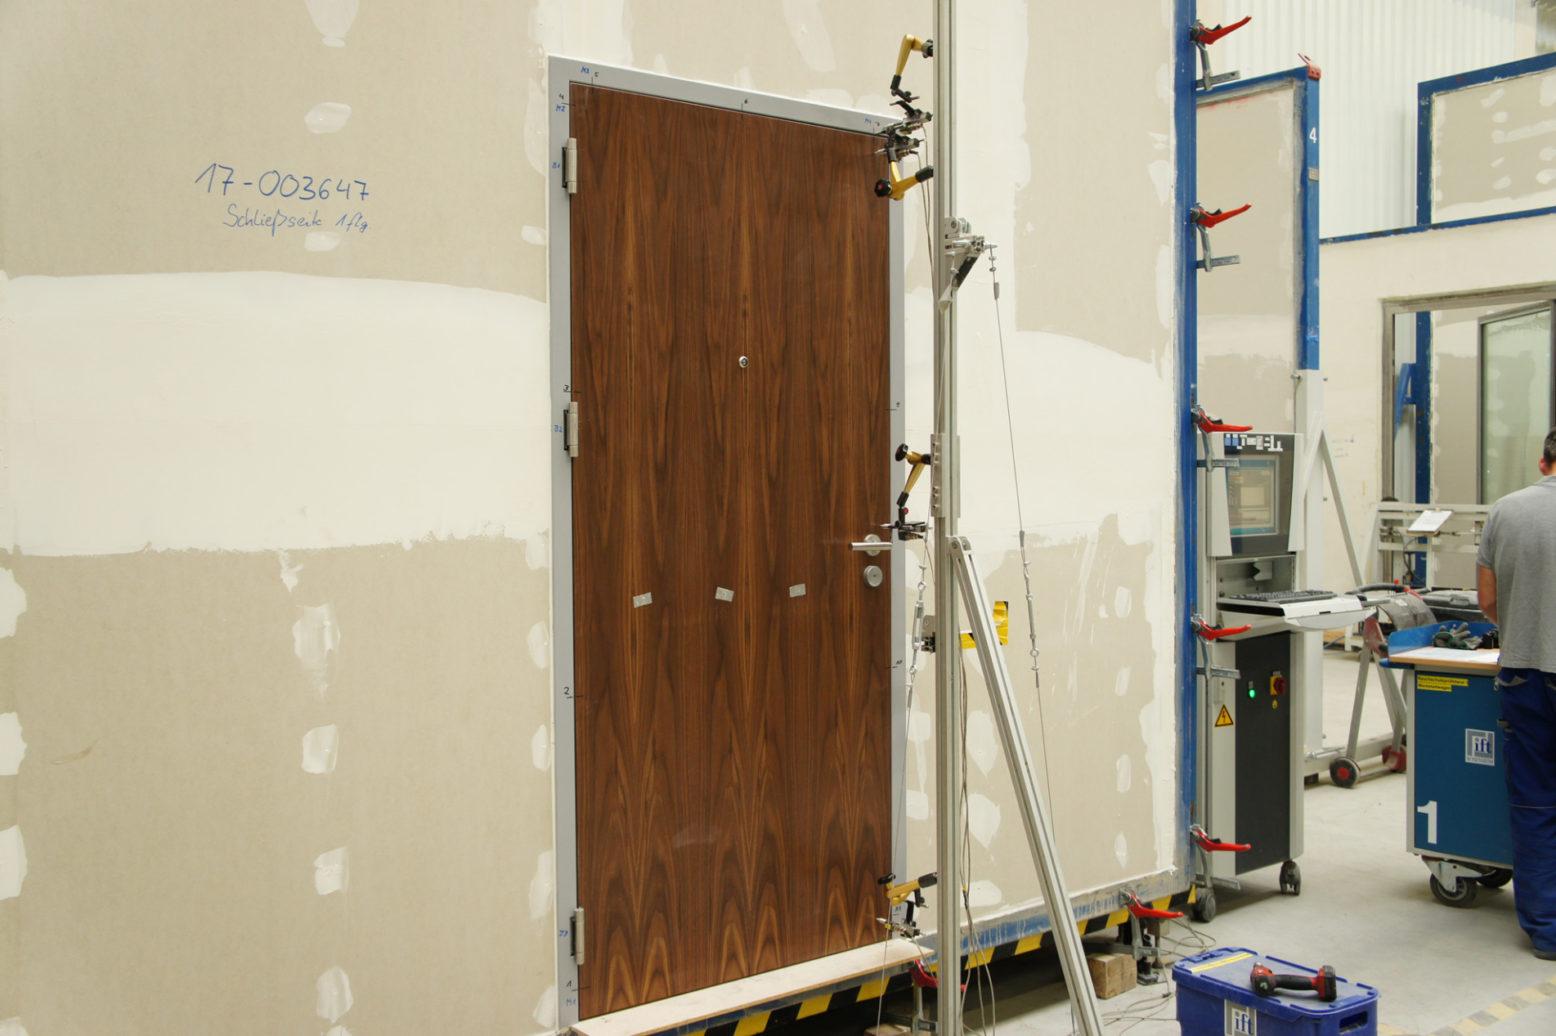 Development of new hotel doors